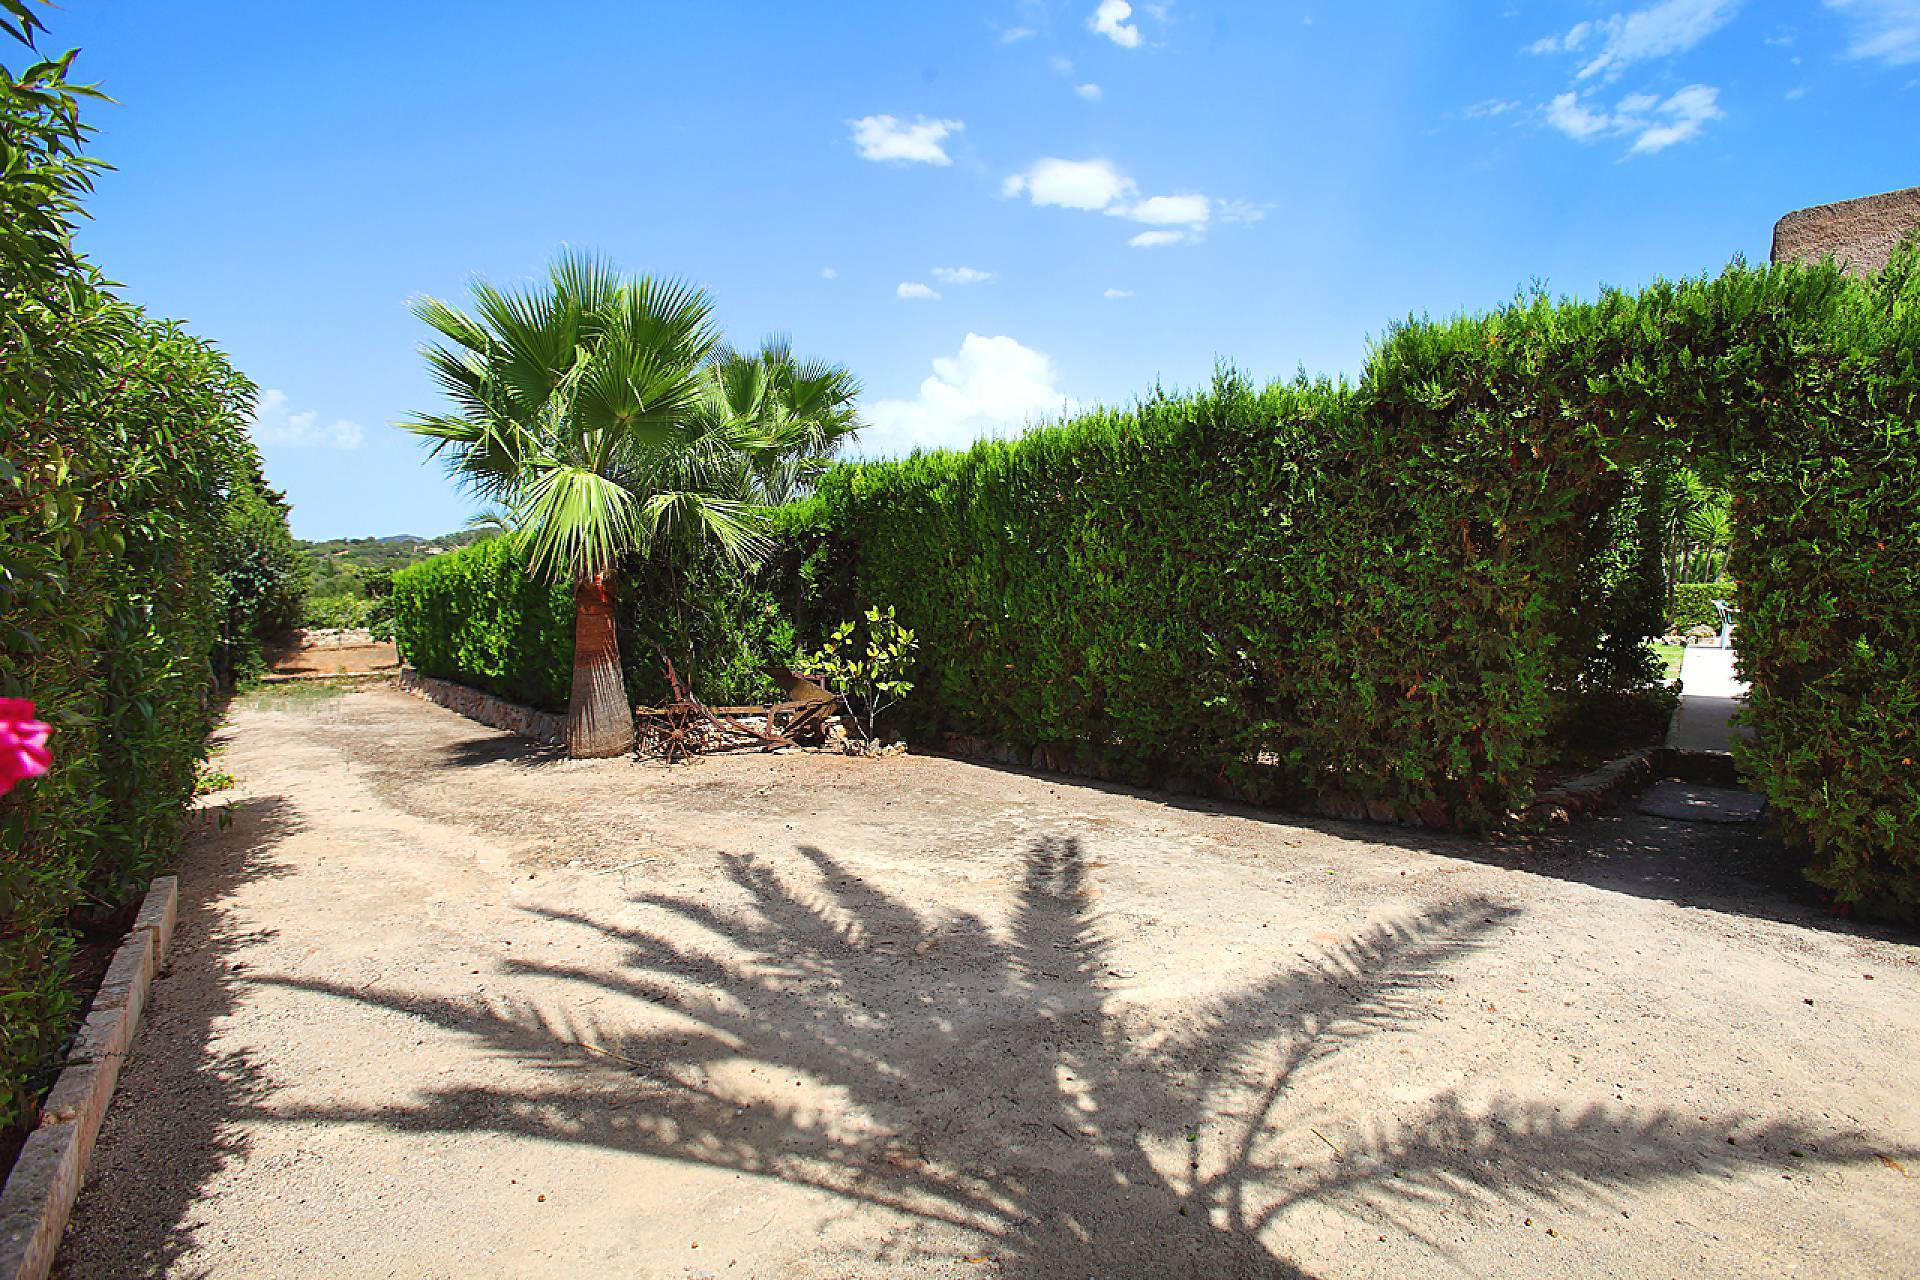 01-132 Urige Finca Mallorca Osten Bild 31